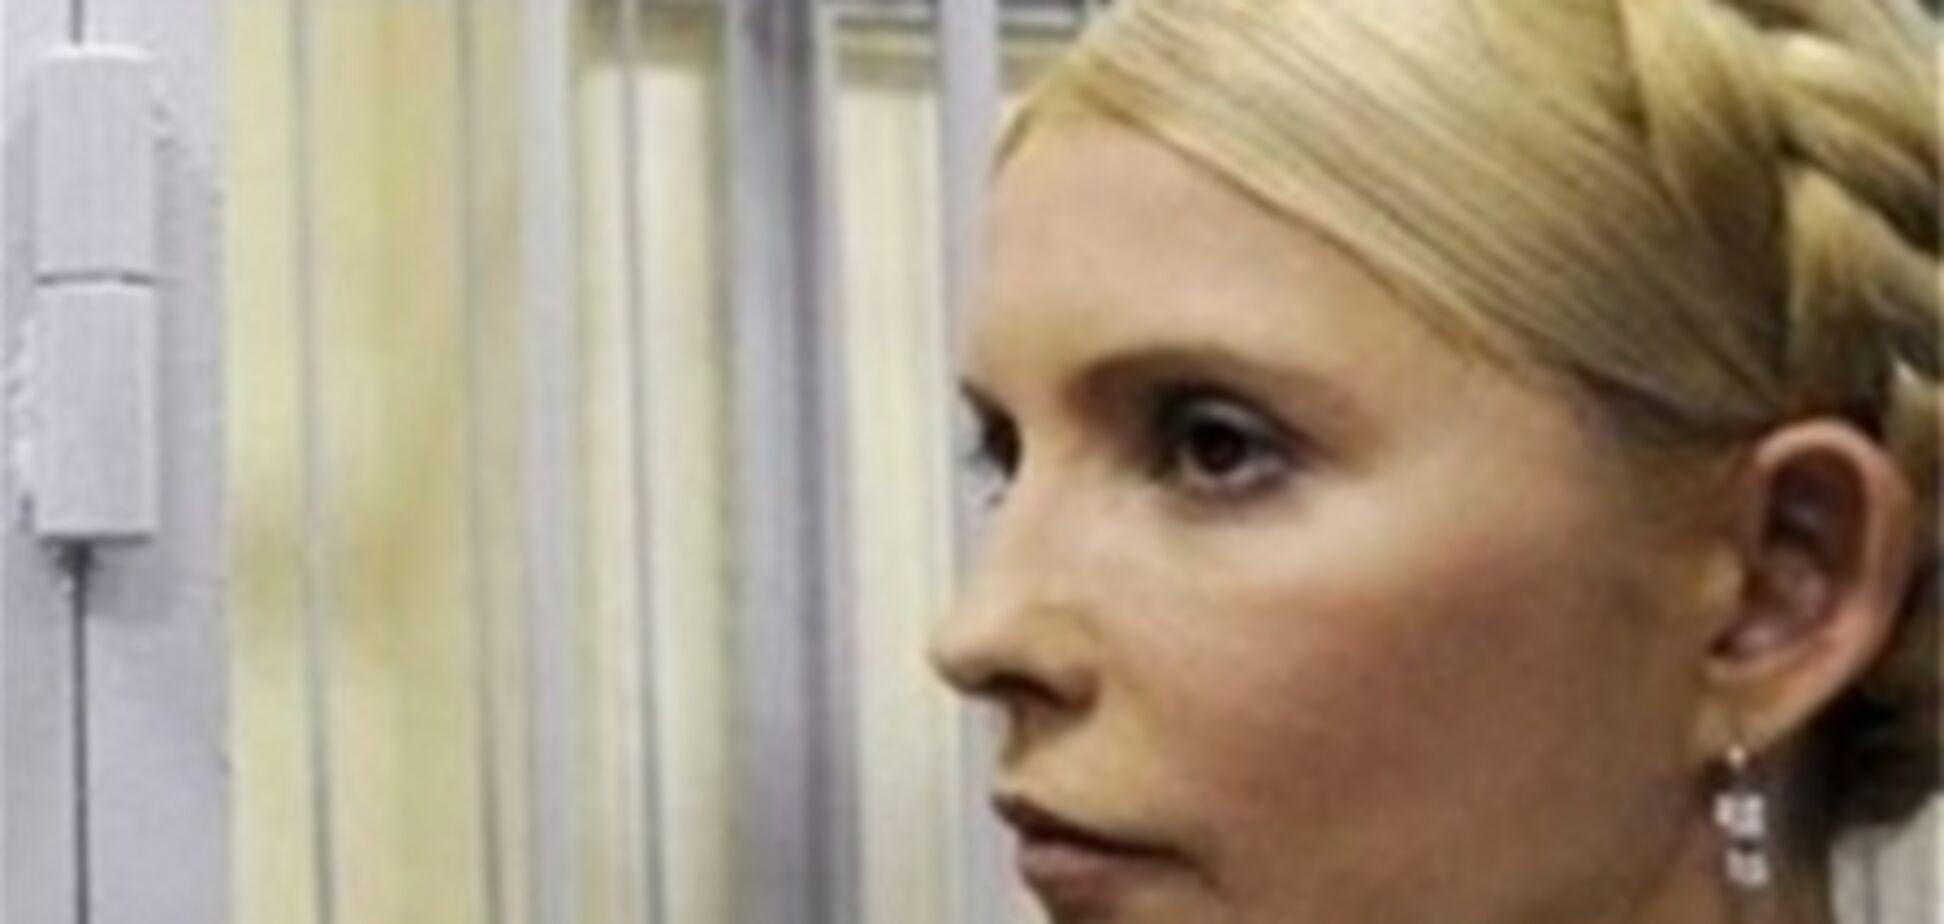 Сусідкам Тимошенко по колонії через підвищену увагу знадобилися психологи